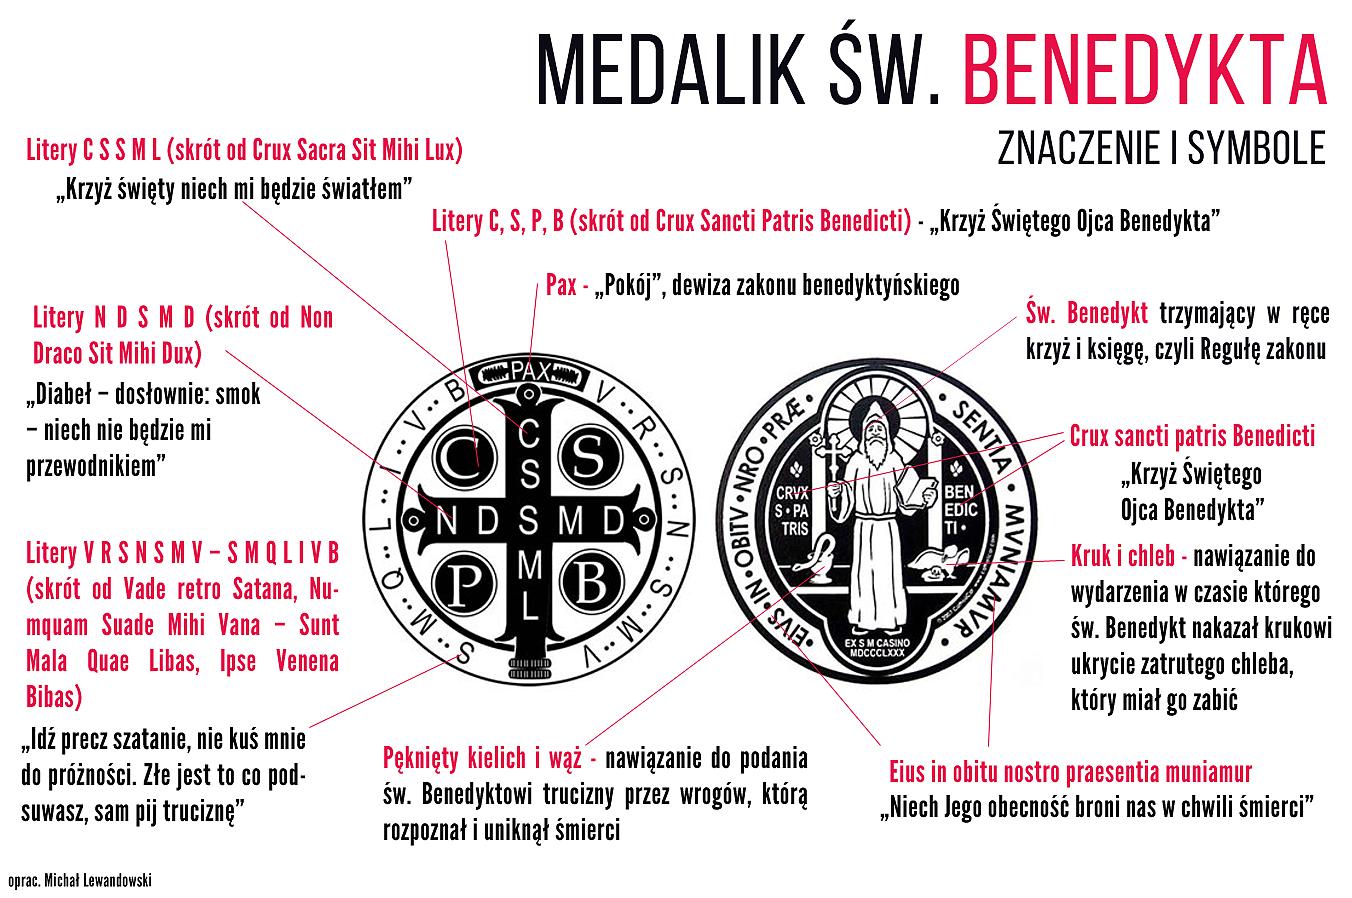 Poznaj znaczenie symboli na Medaliku św. Benedykta [INFOGRAFIKA] - zdjęcie w treści artykułu